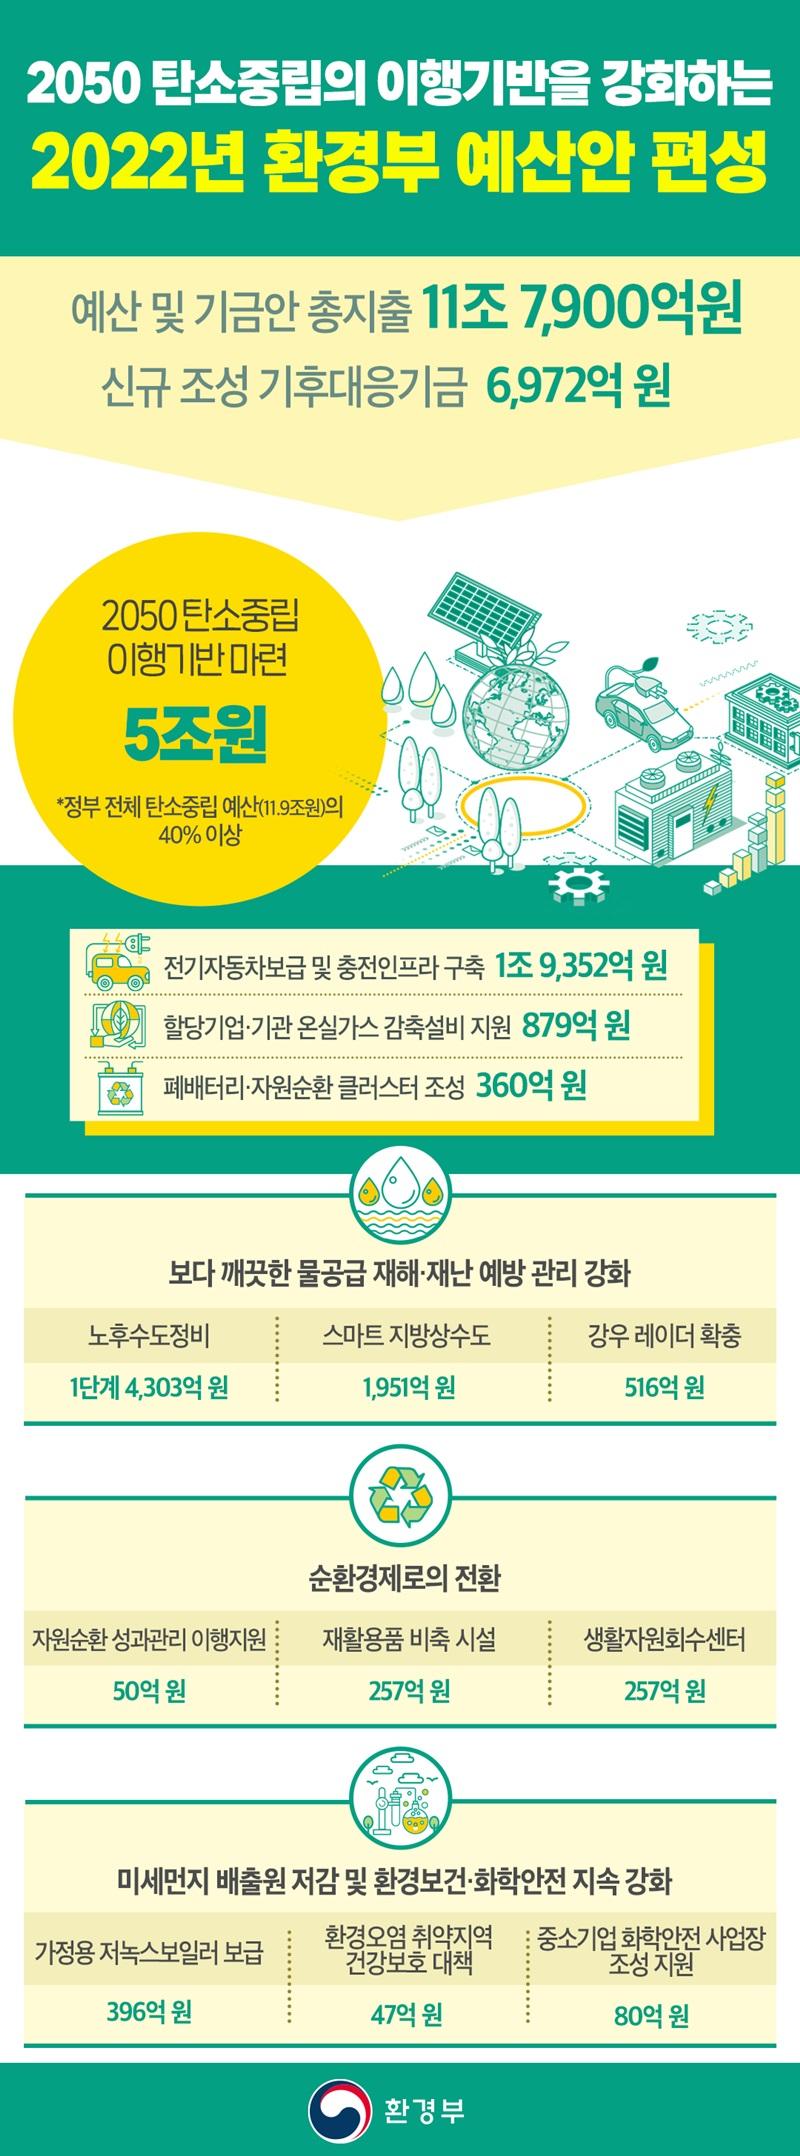 [2022년 예산안] 환경부, 내년 11조 7900억원 편성. 하단내용 참조